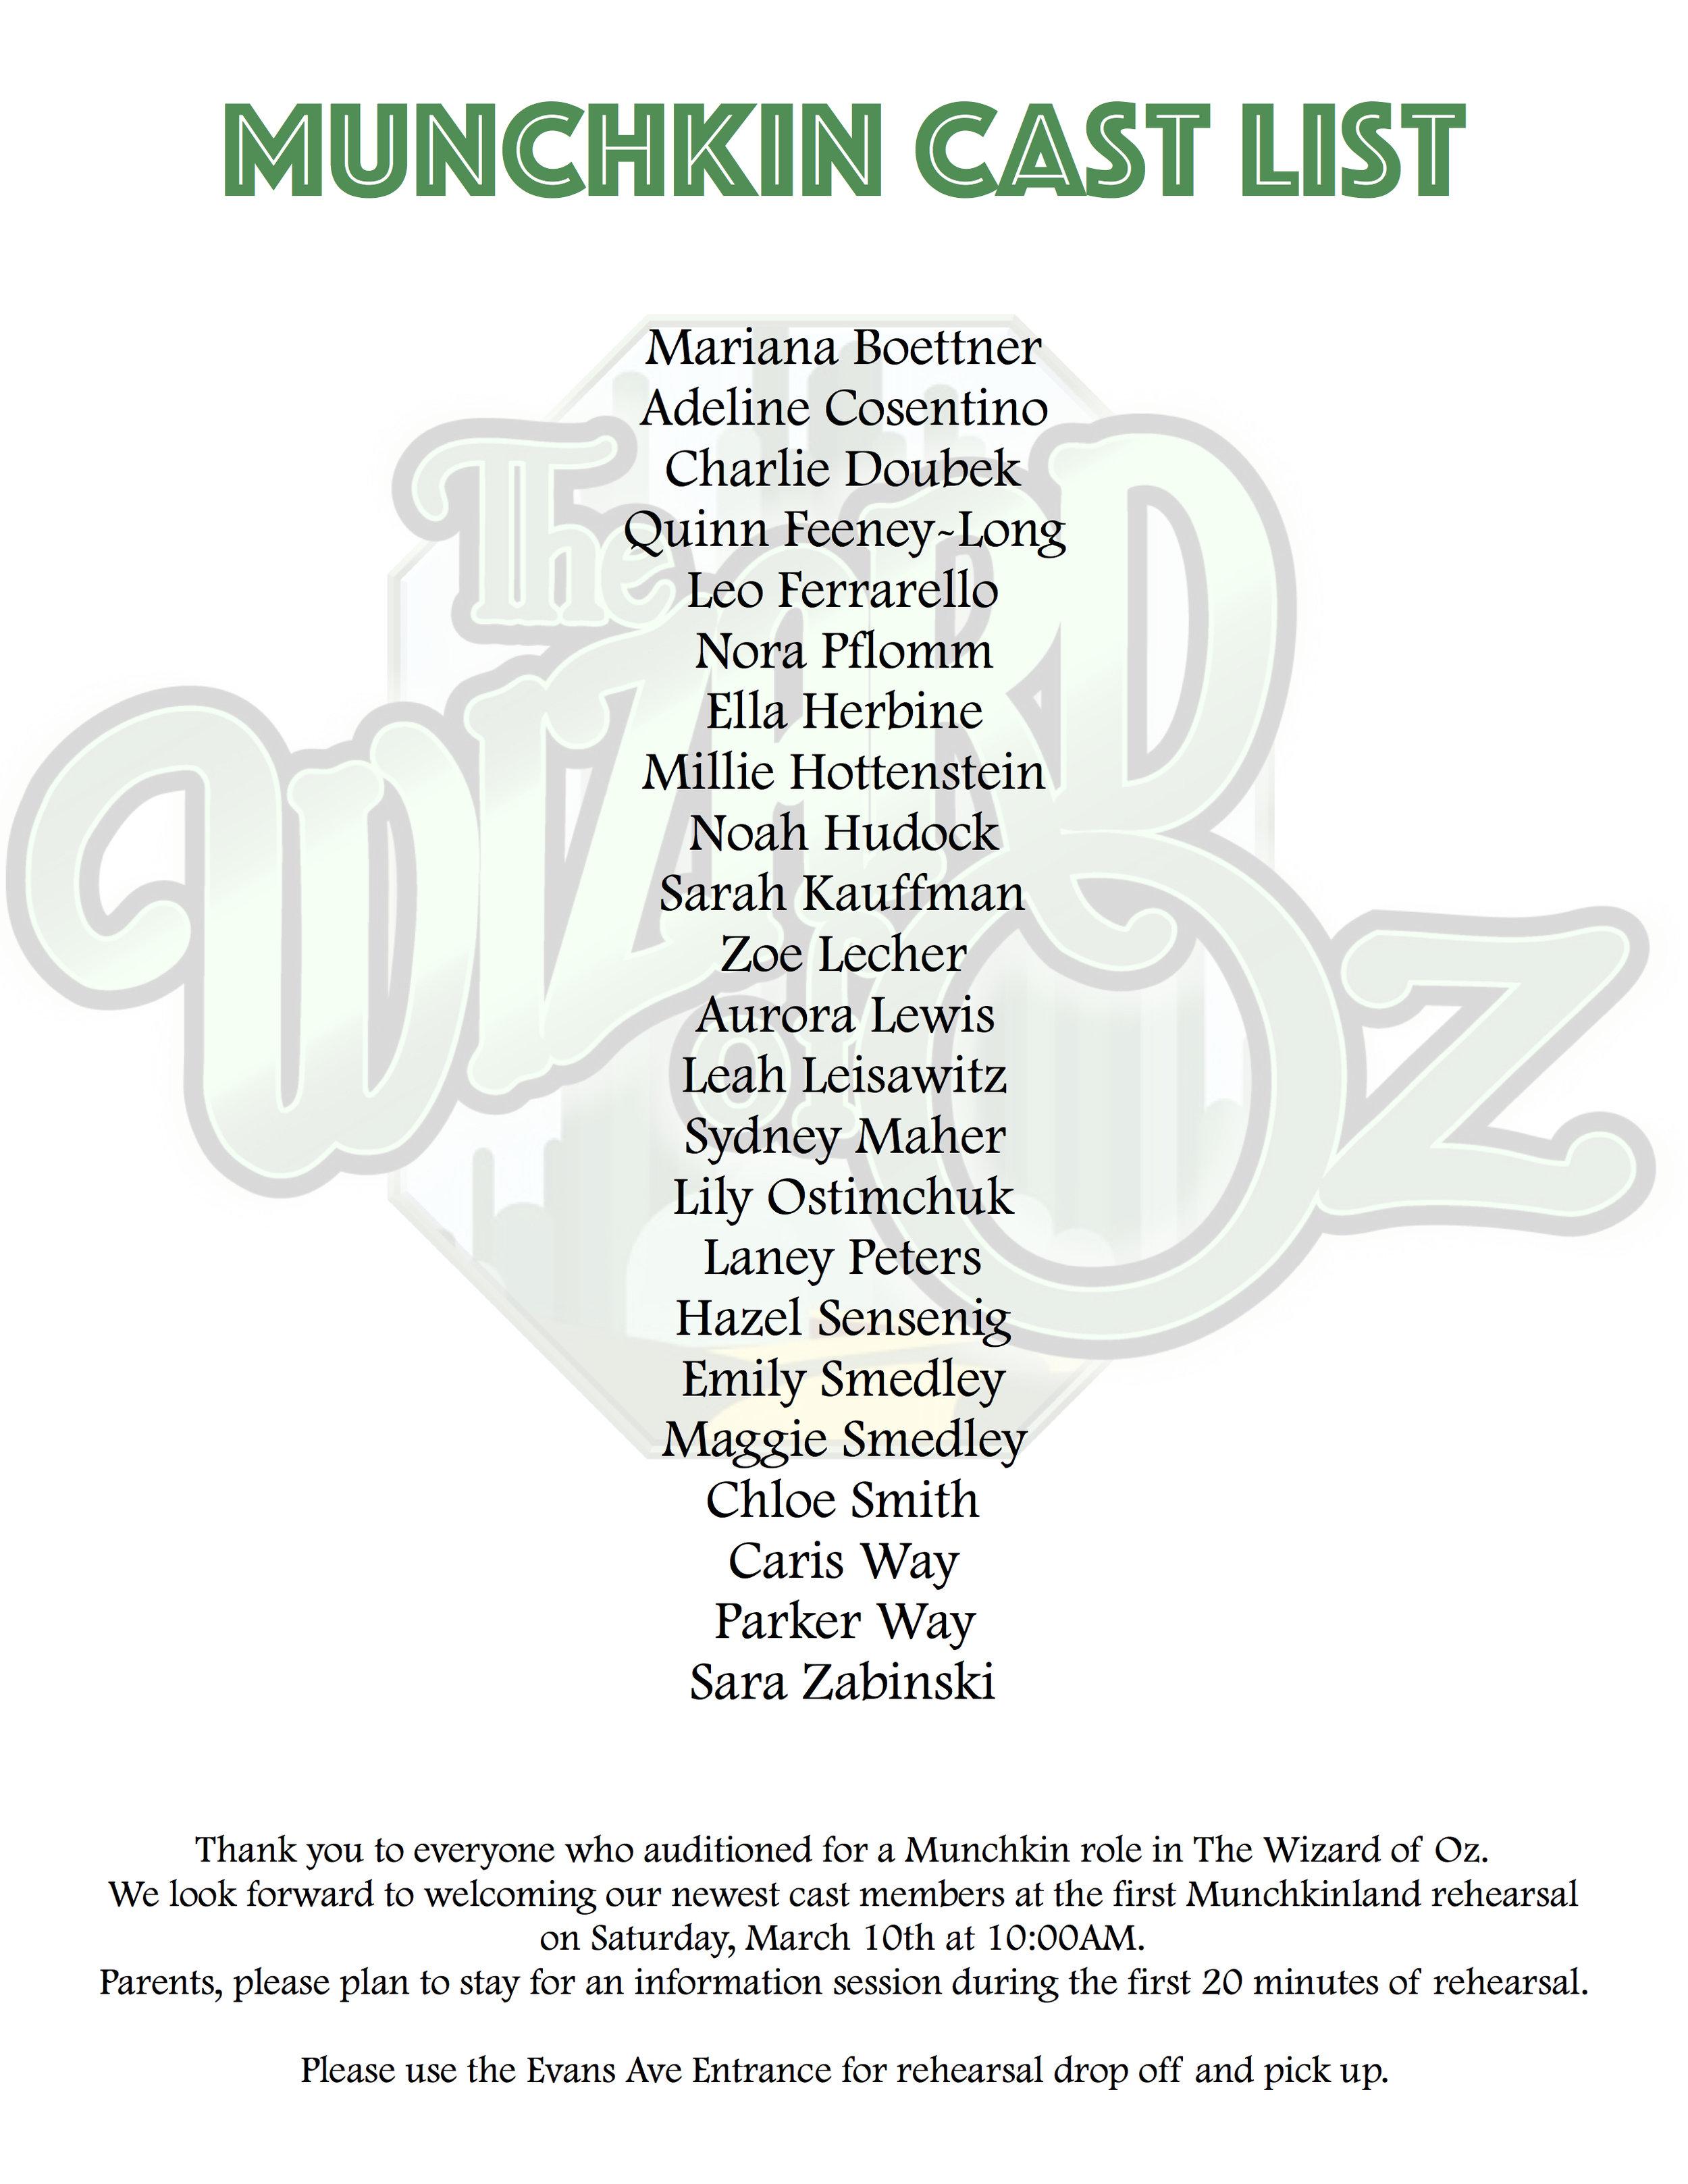 Munchkin Cast List.jpg